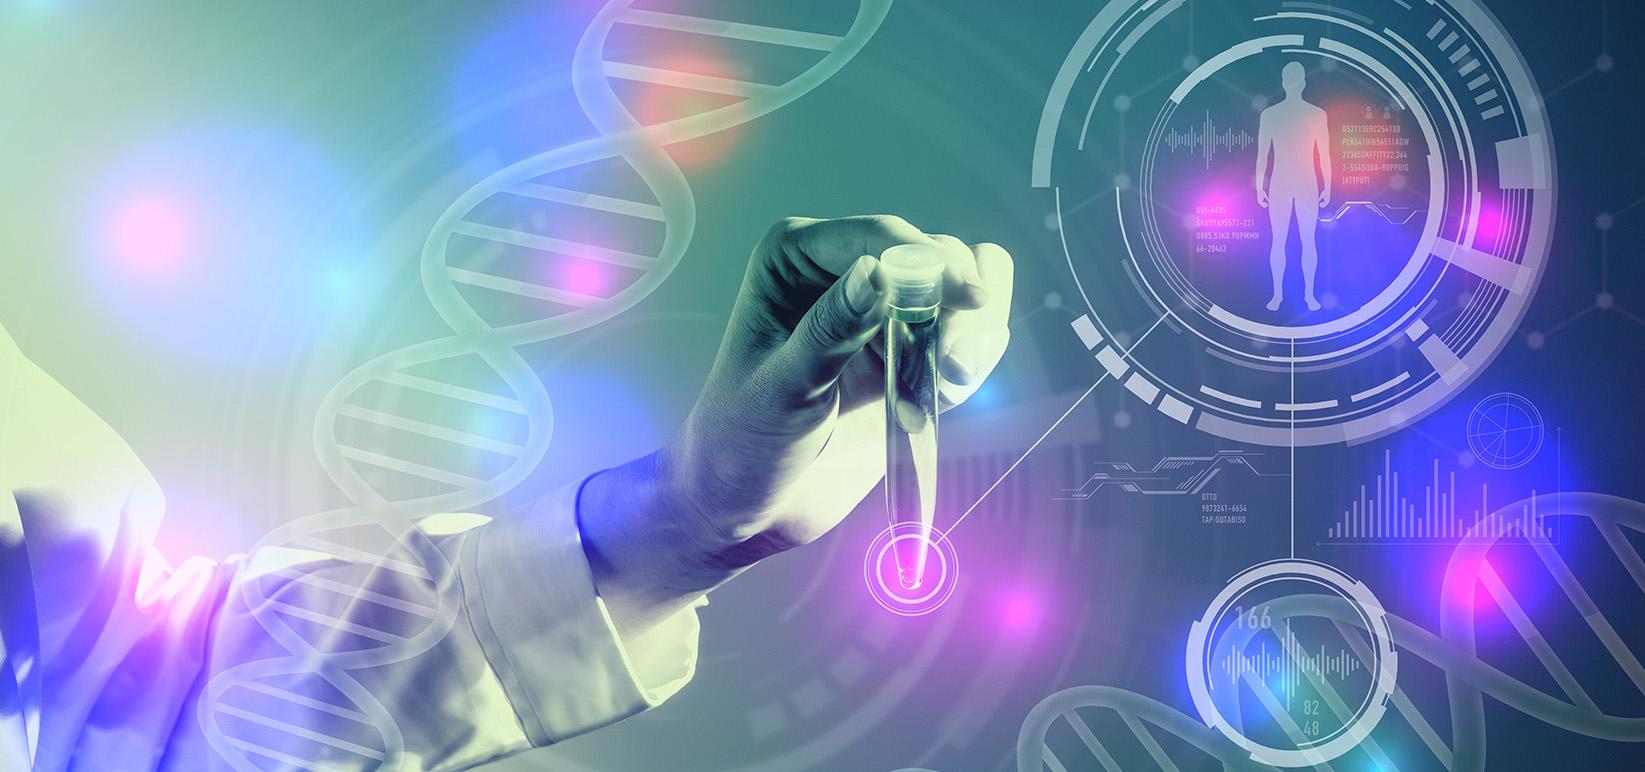 Οι σπουδαιότερες ανακαλύψεις στο χώρο της Ιατρικής για το 2017 | Biology.gr